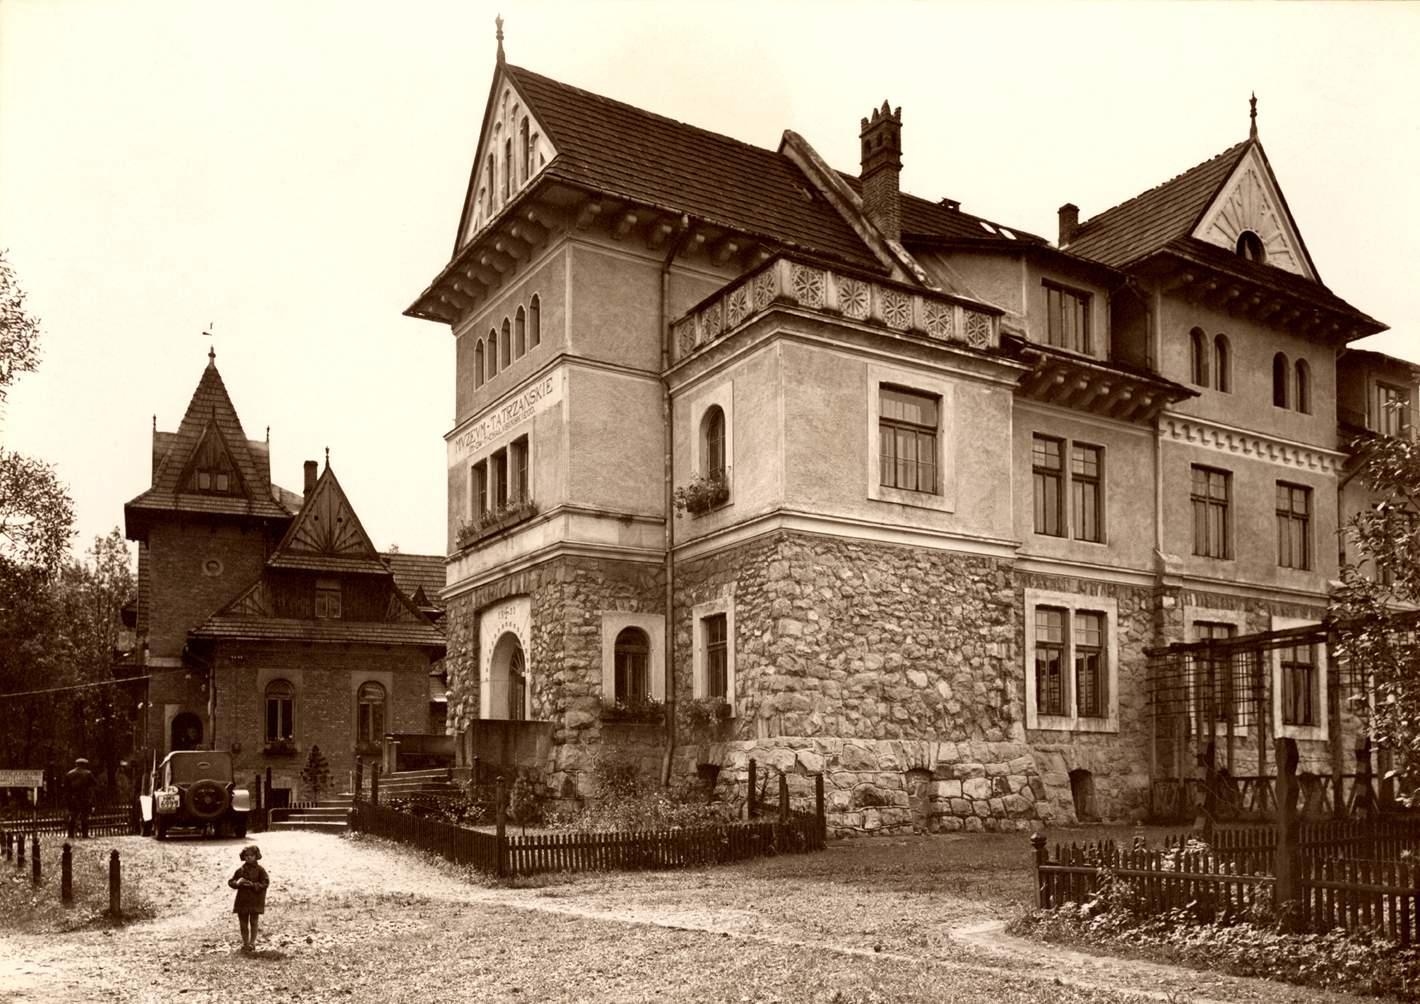 Ważna informacja – Muzeum Tatrzańskie w dniu 21 września będzie nieczynne.